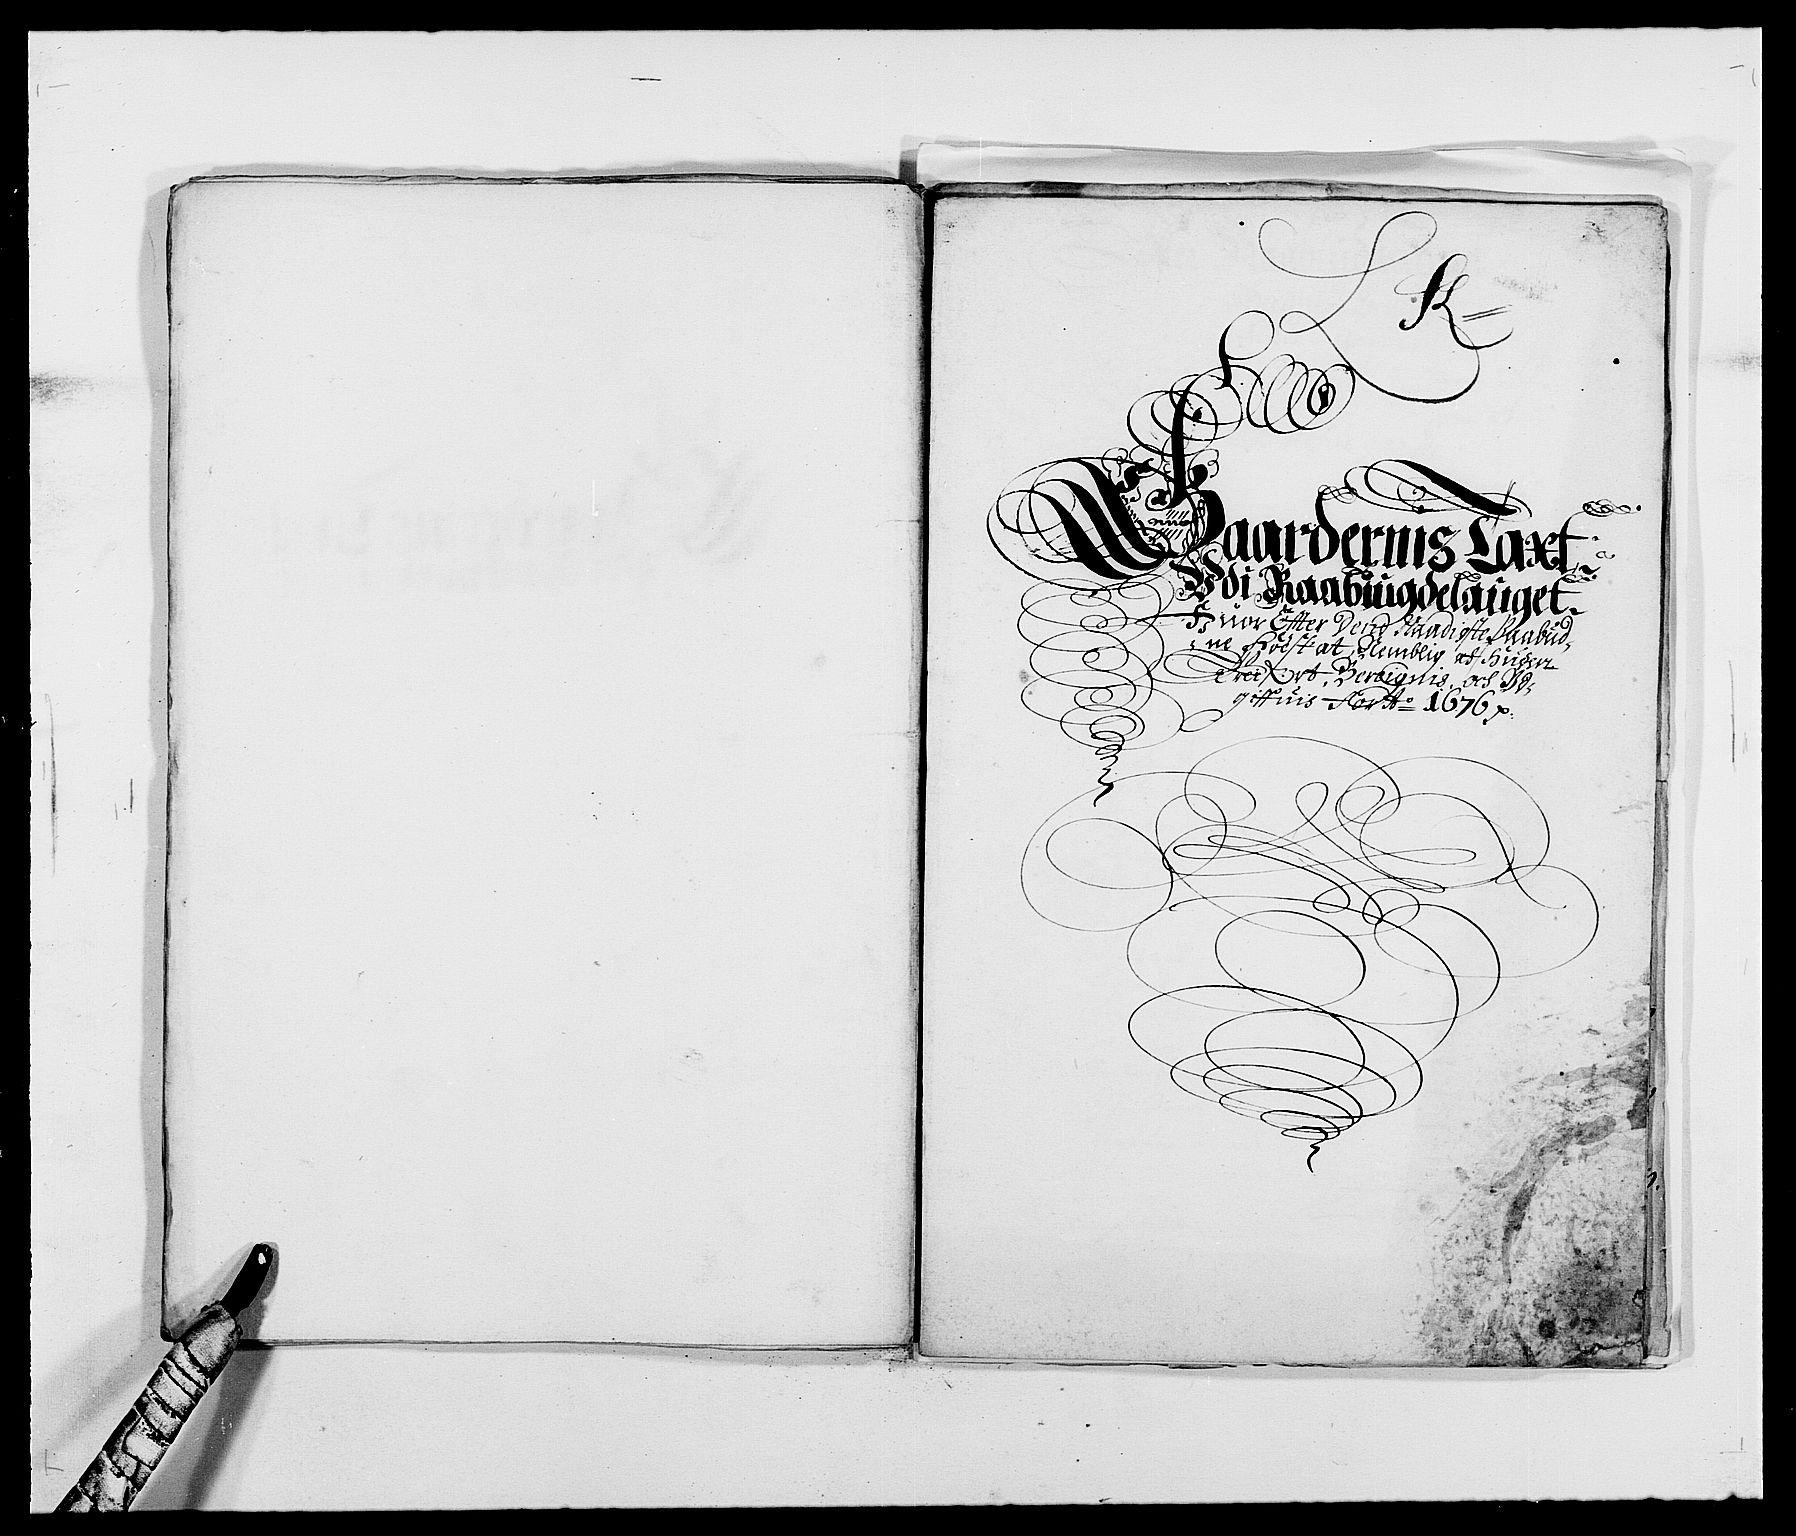 RA, Rentekammeret inntil 1814, Reviderte regnskaper, Fogderegnskap, R40/L2434: Fogderegnskap Råbyggelag, 1675-1676, s. 376